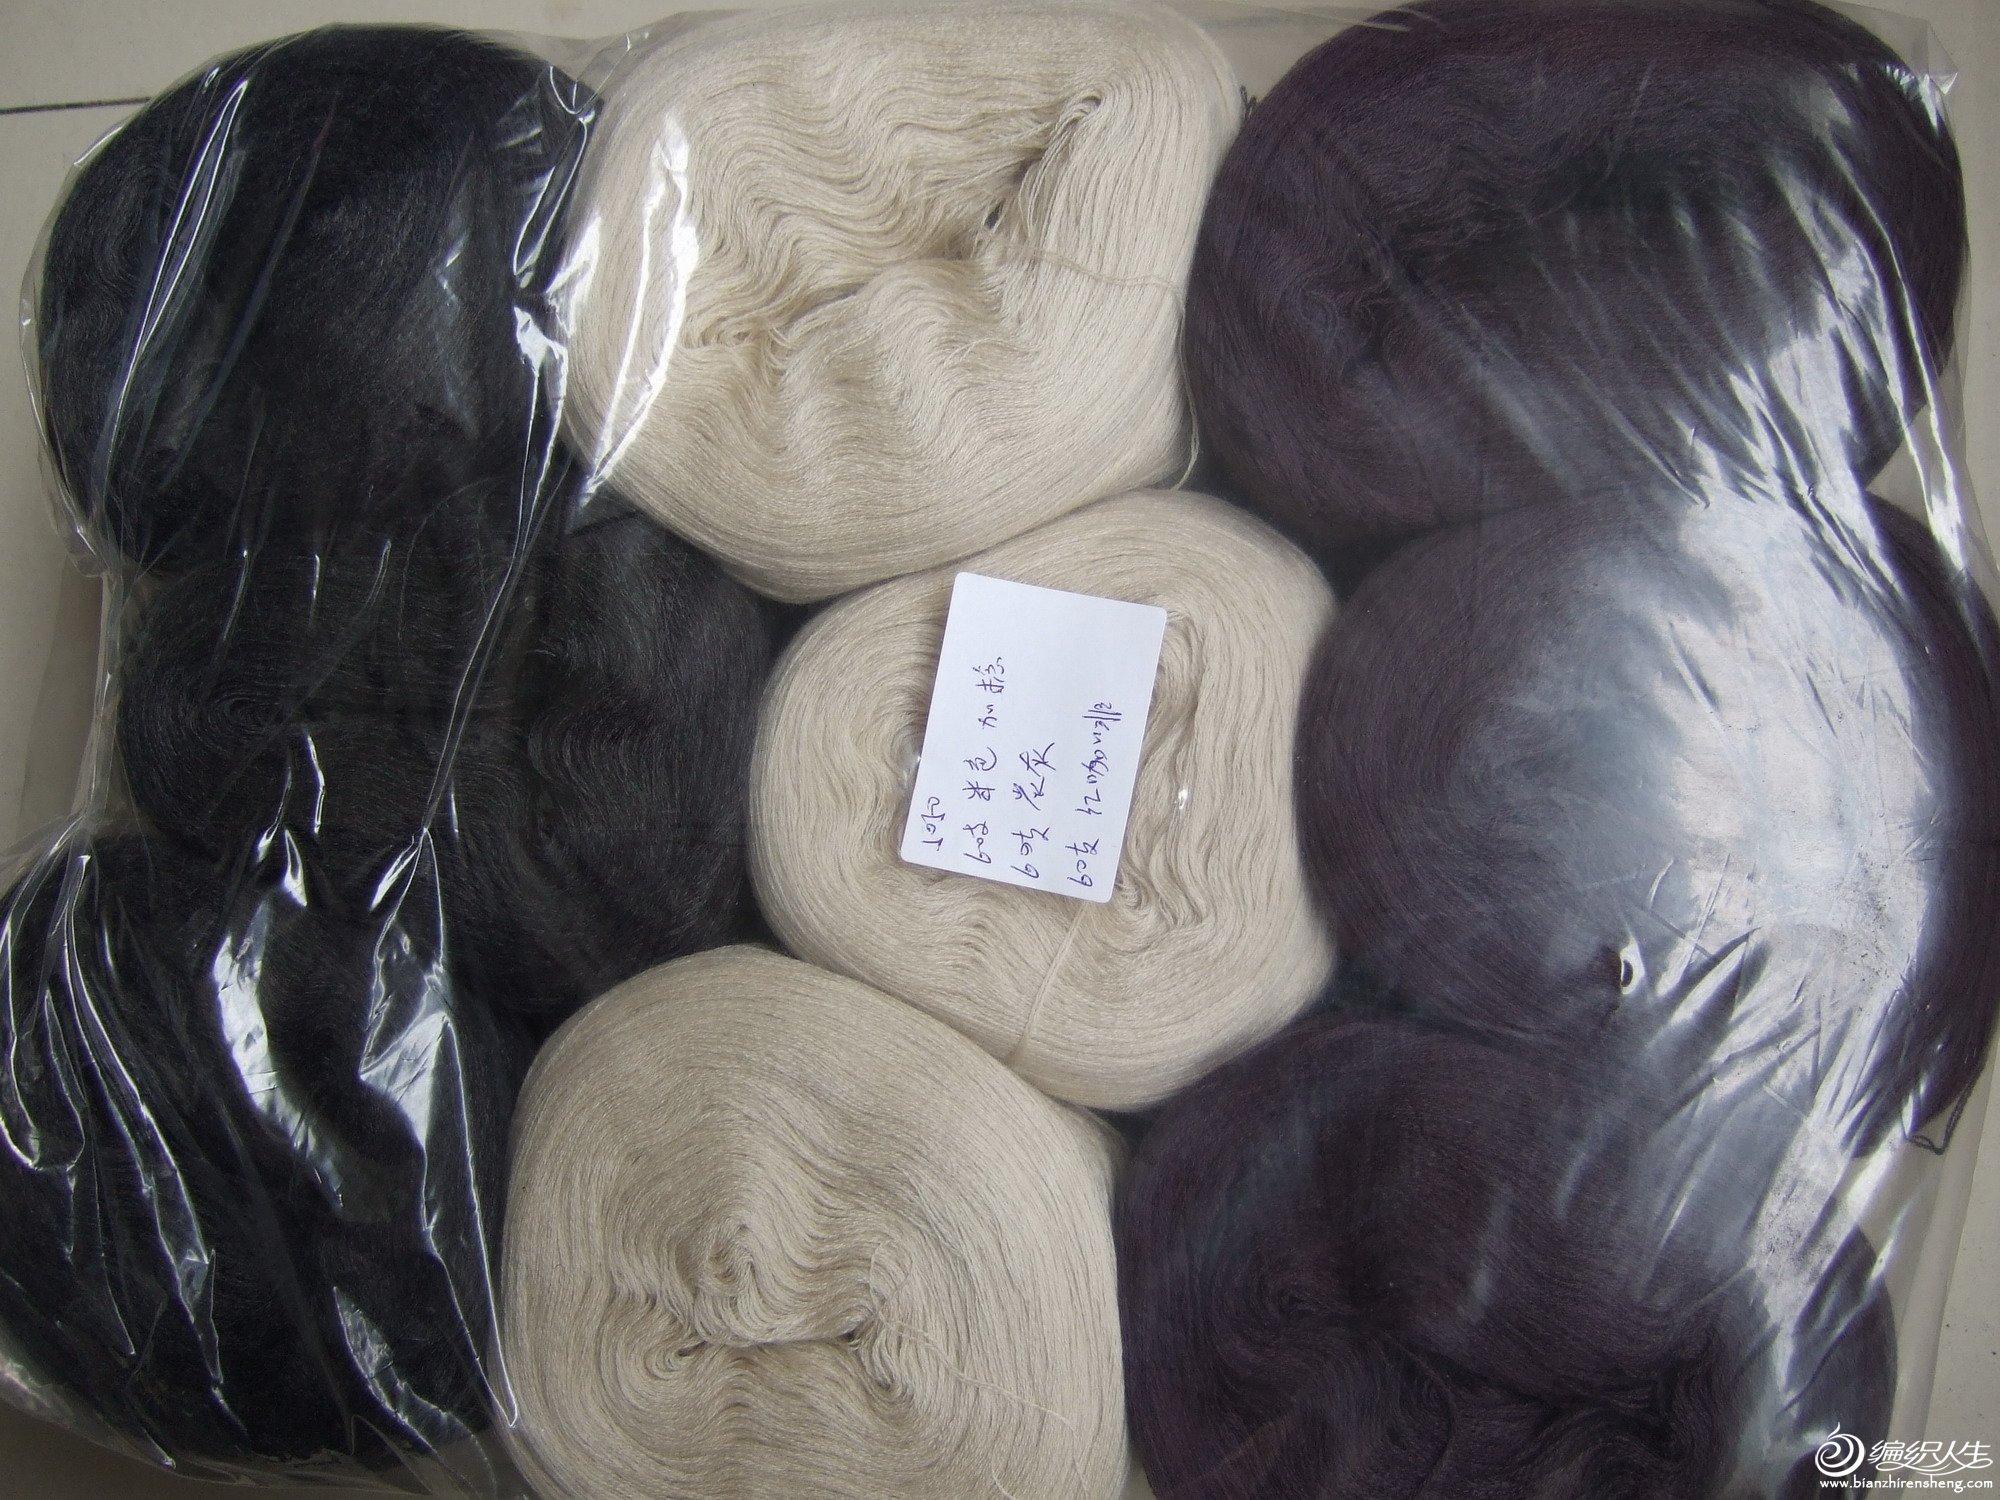 5050,分别是碳灰、米黄、深紫.JPG